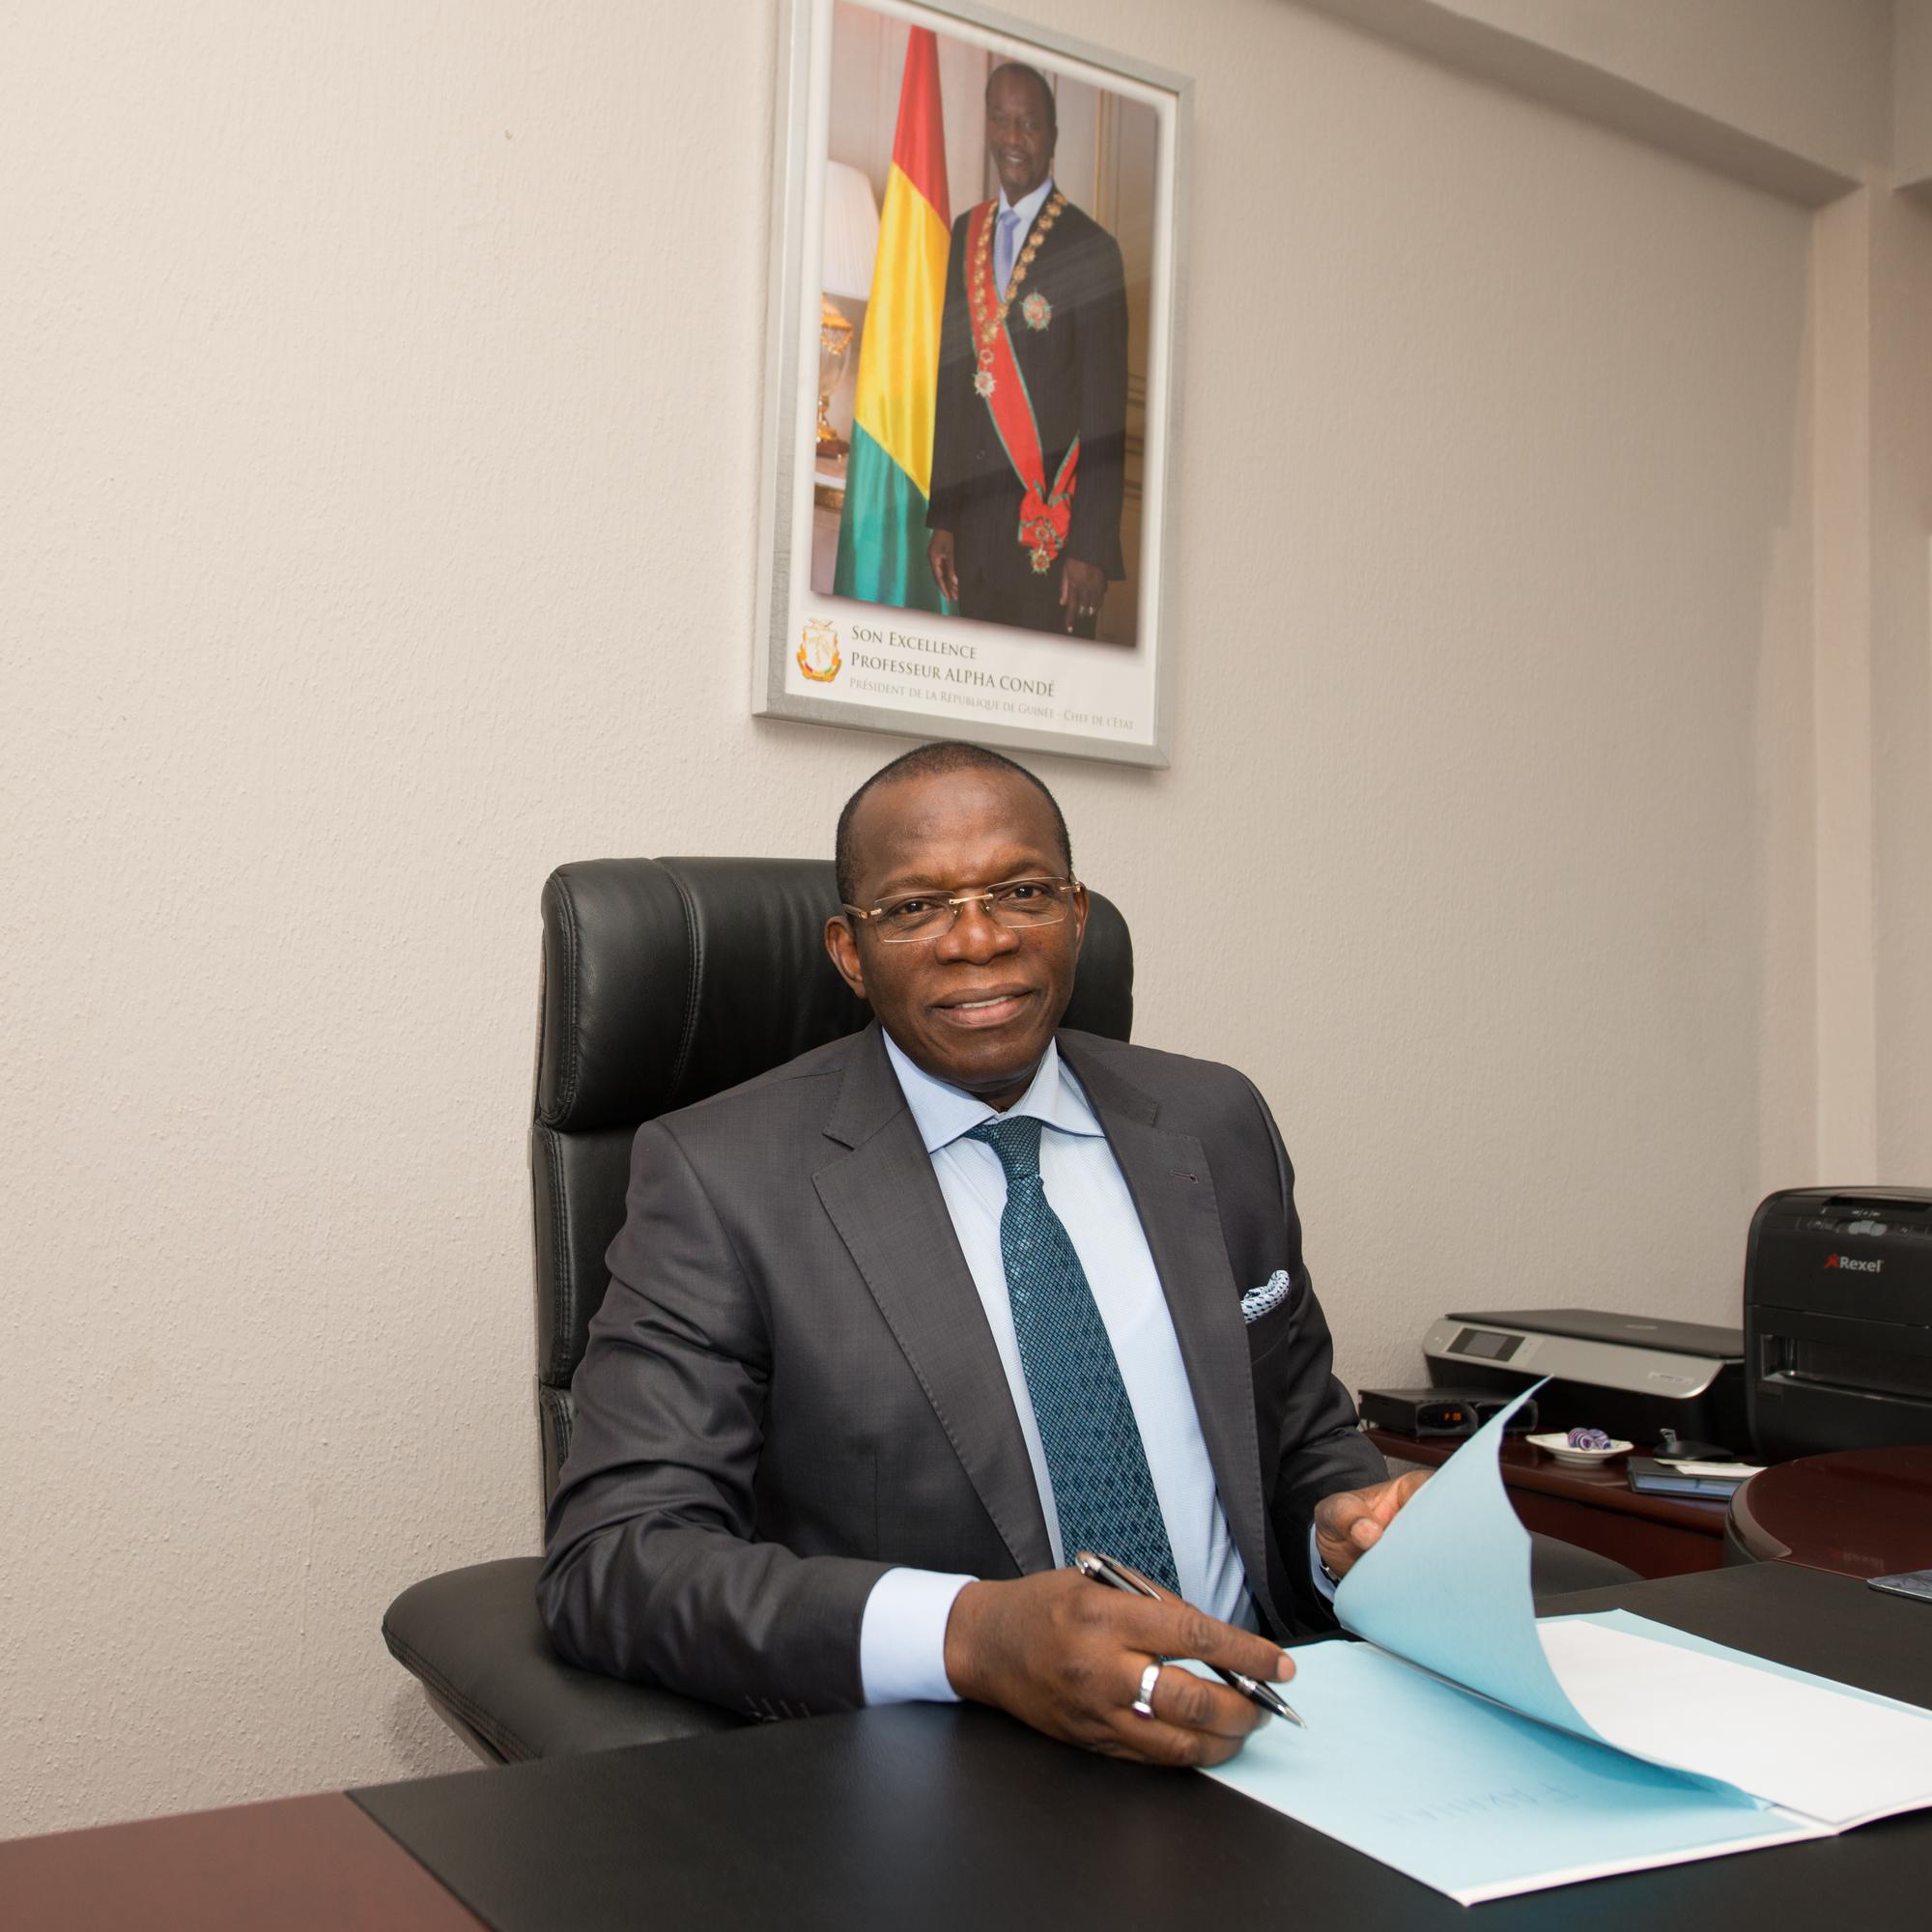 Le Premier ministre Ibrahima Kassory Fofana, ici en 2015 à la primature, a été reconduit à la tête du gouvernement guinéen.